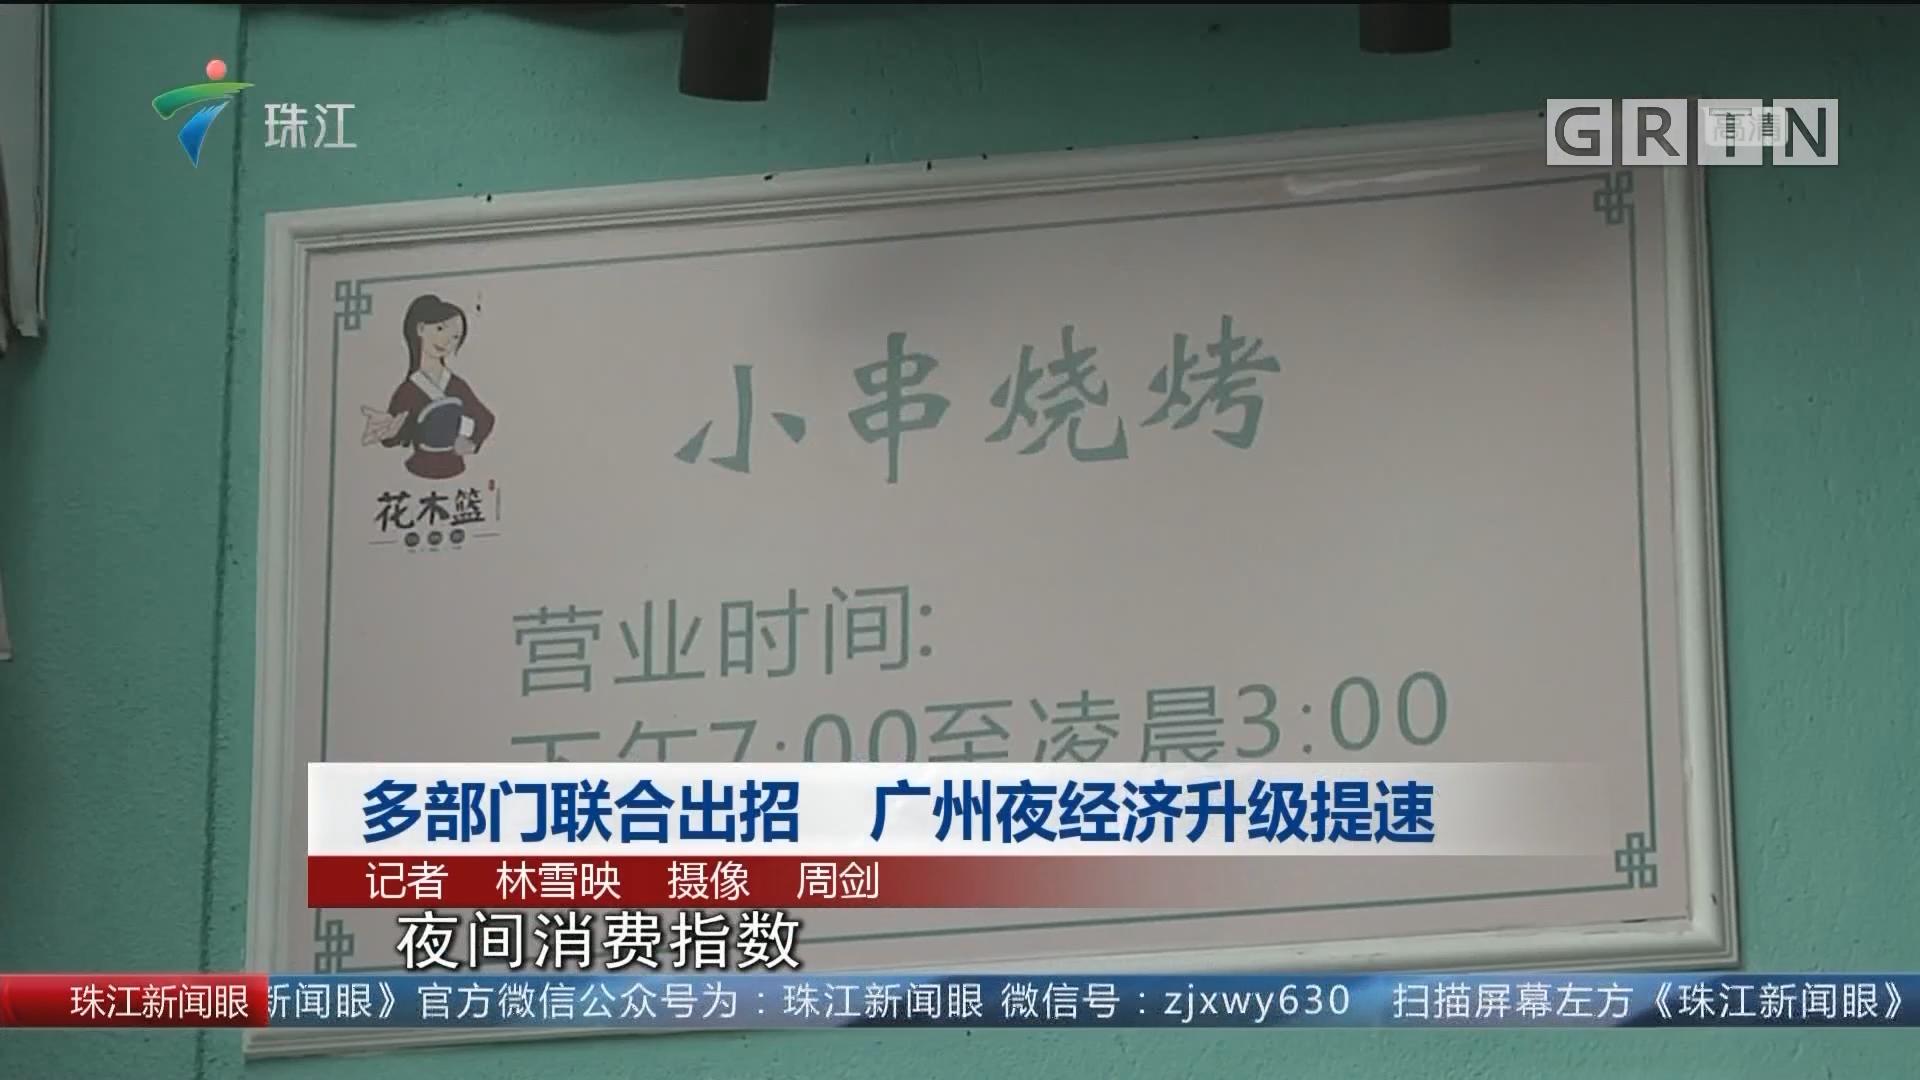 多部门联合出招 广州夜经济升级提速